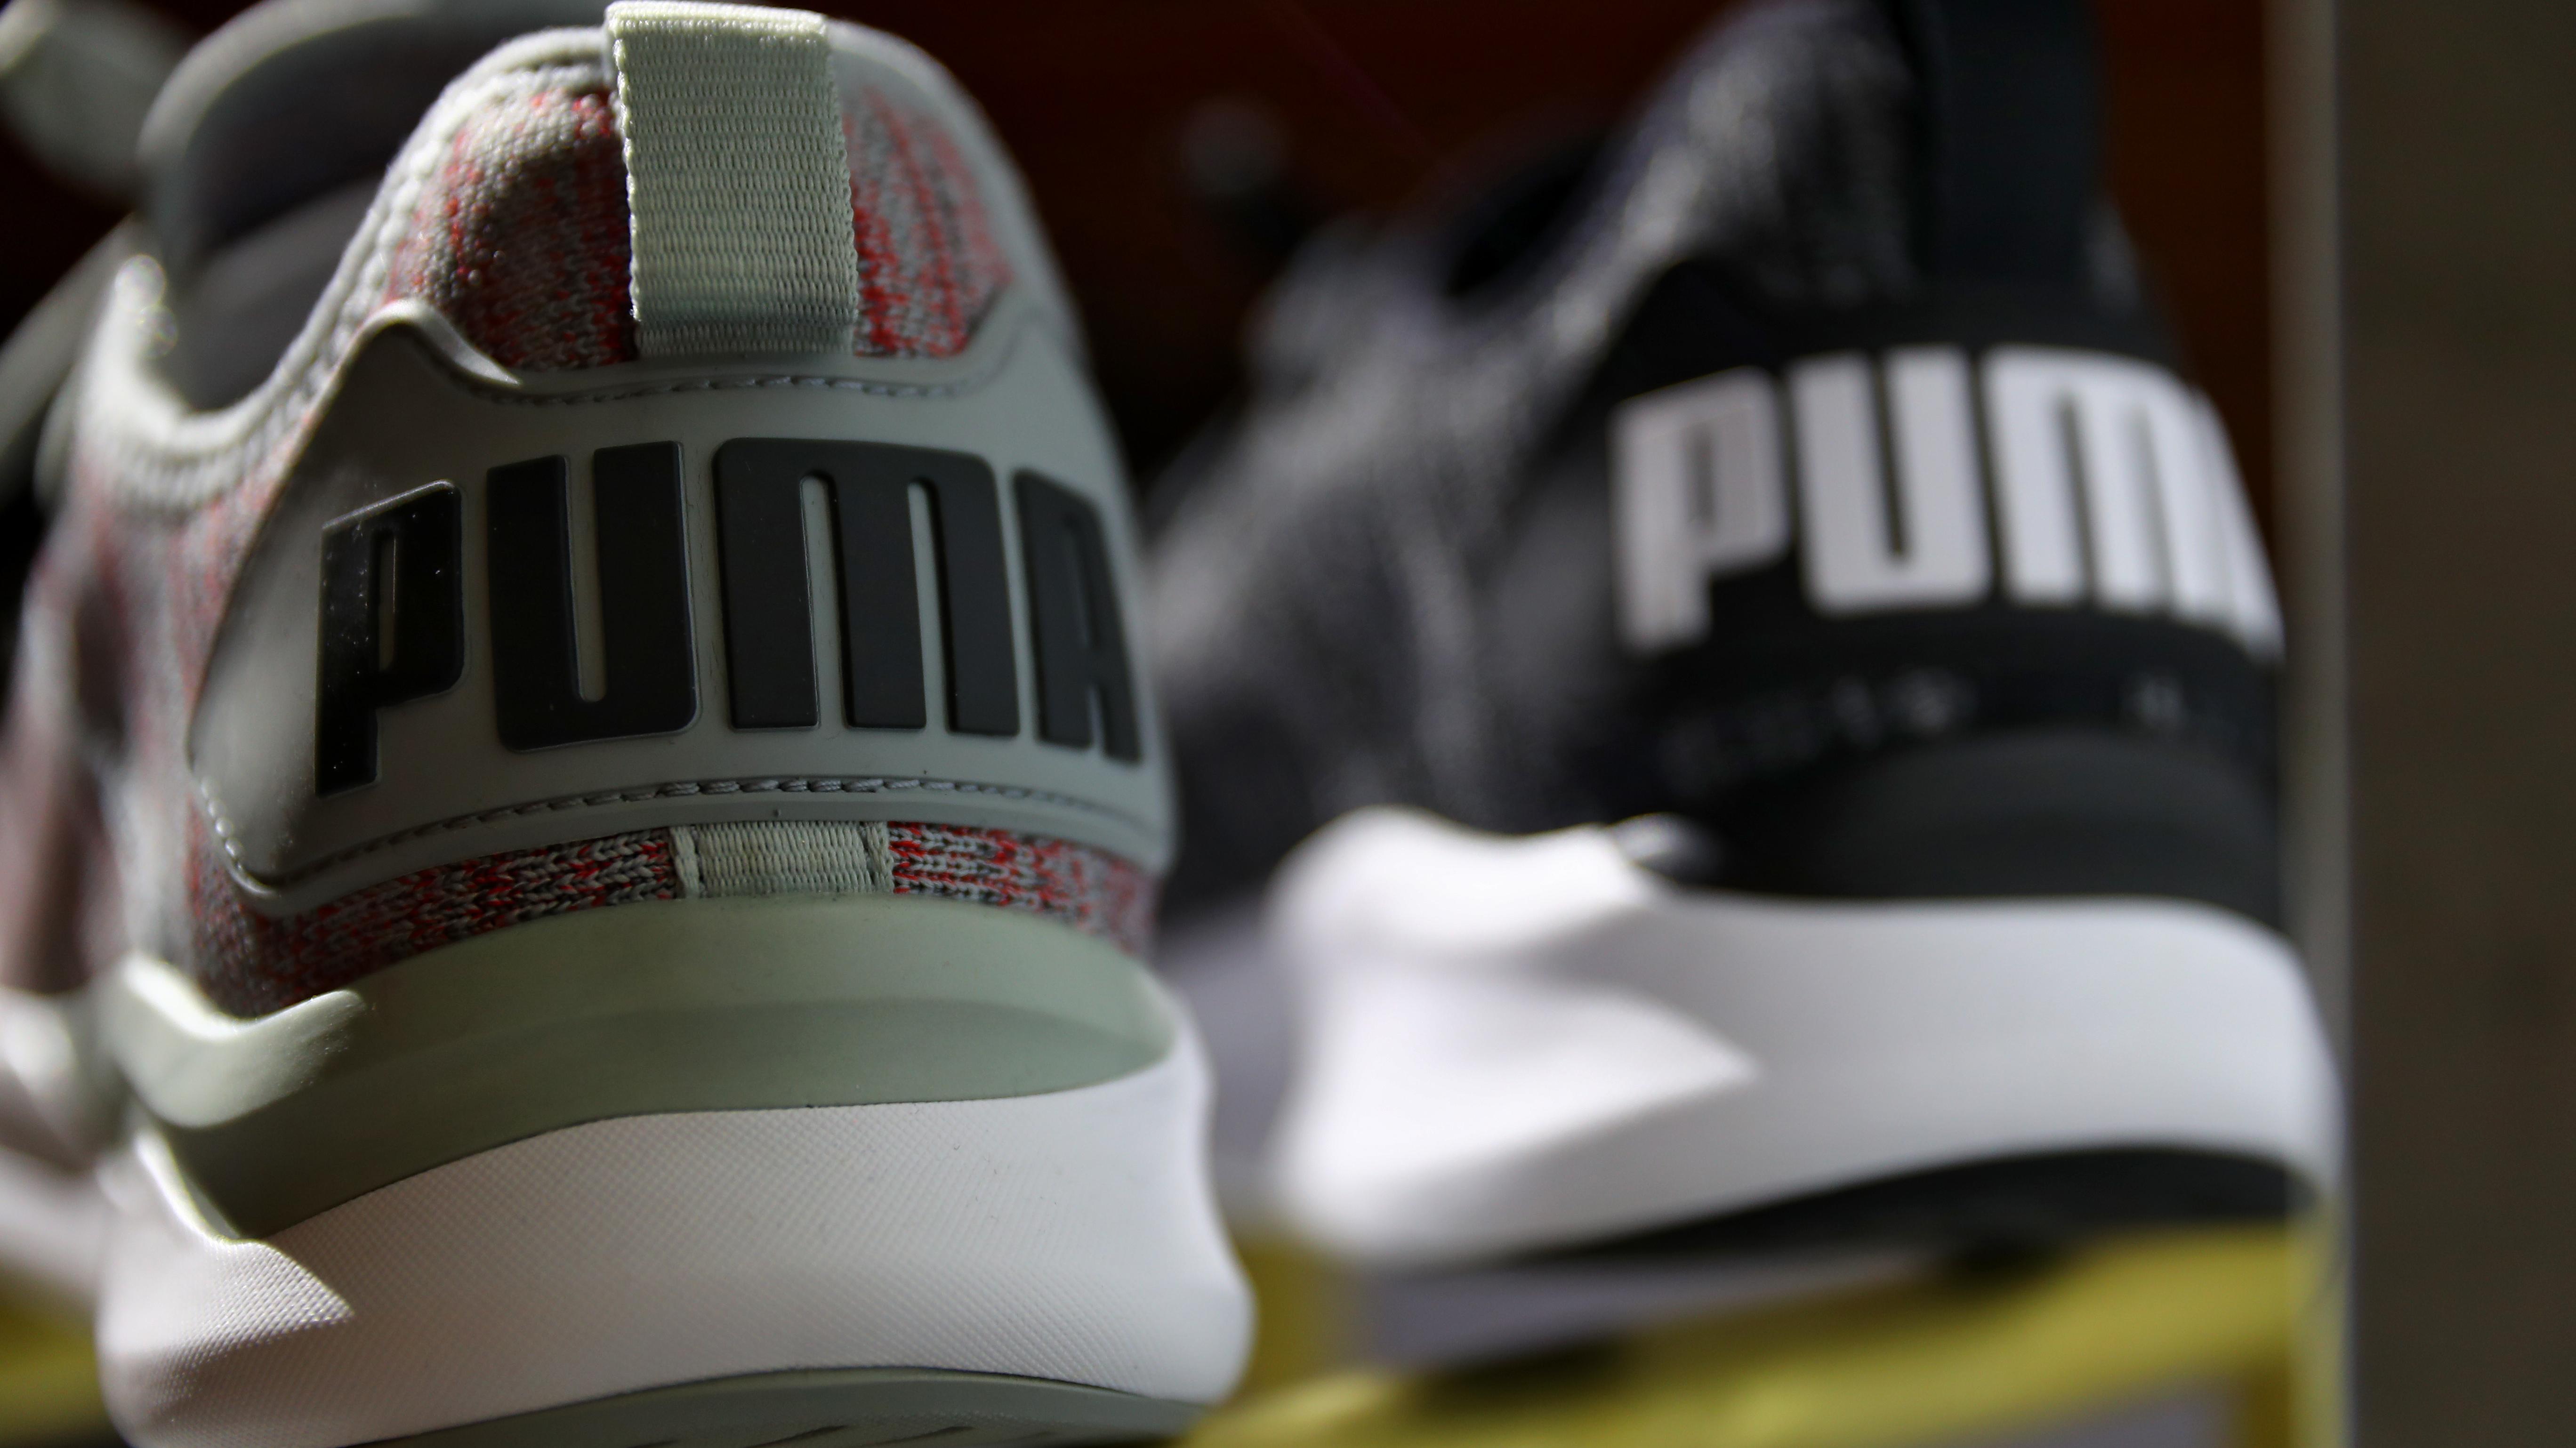 Herzogenaurach: Schuhe des Sportartikelherstellers Puma